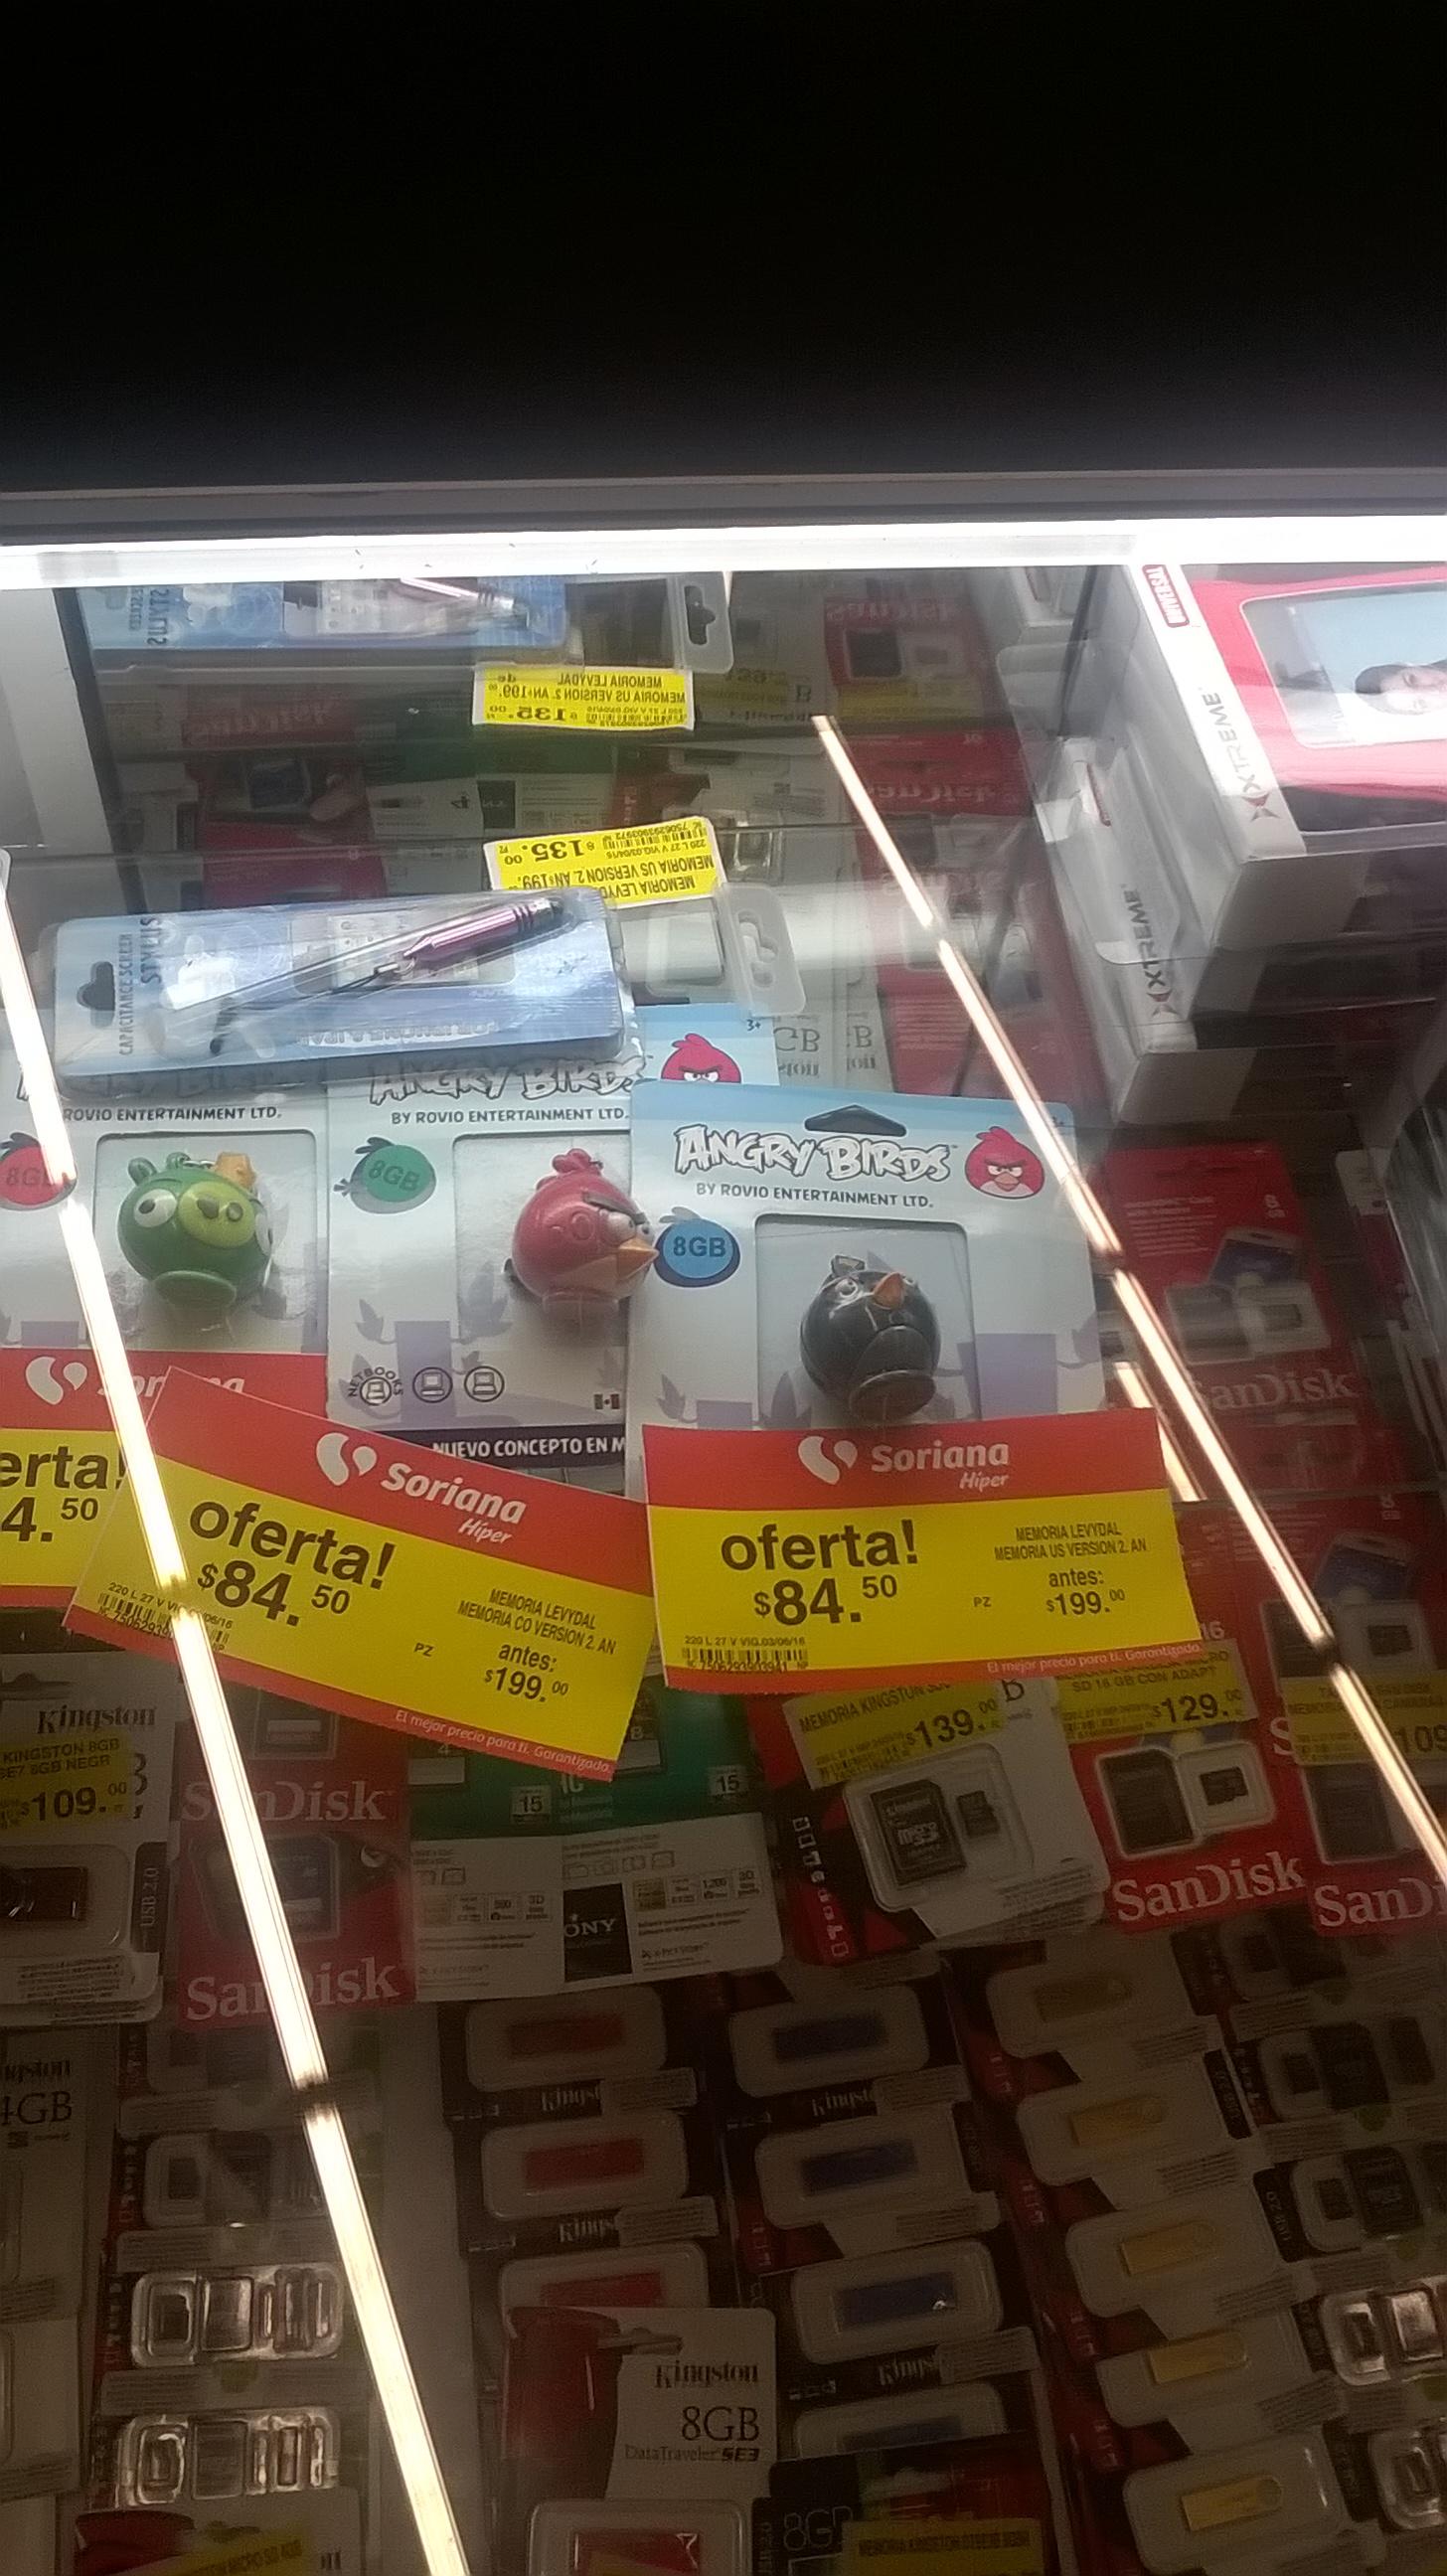 Soriana: memoria USB Angry Birds 8Gb a $84.50